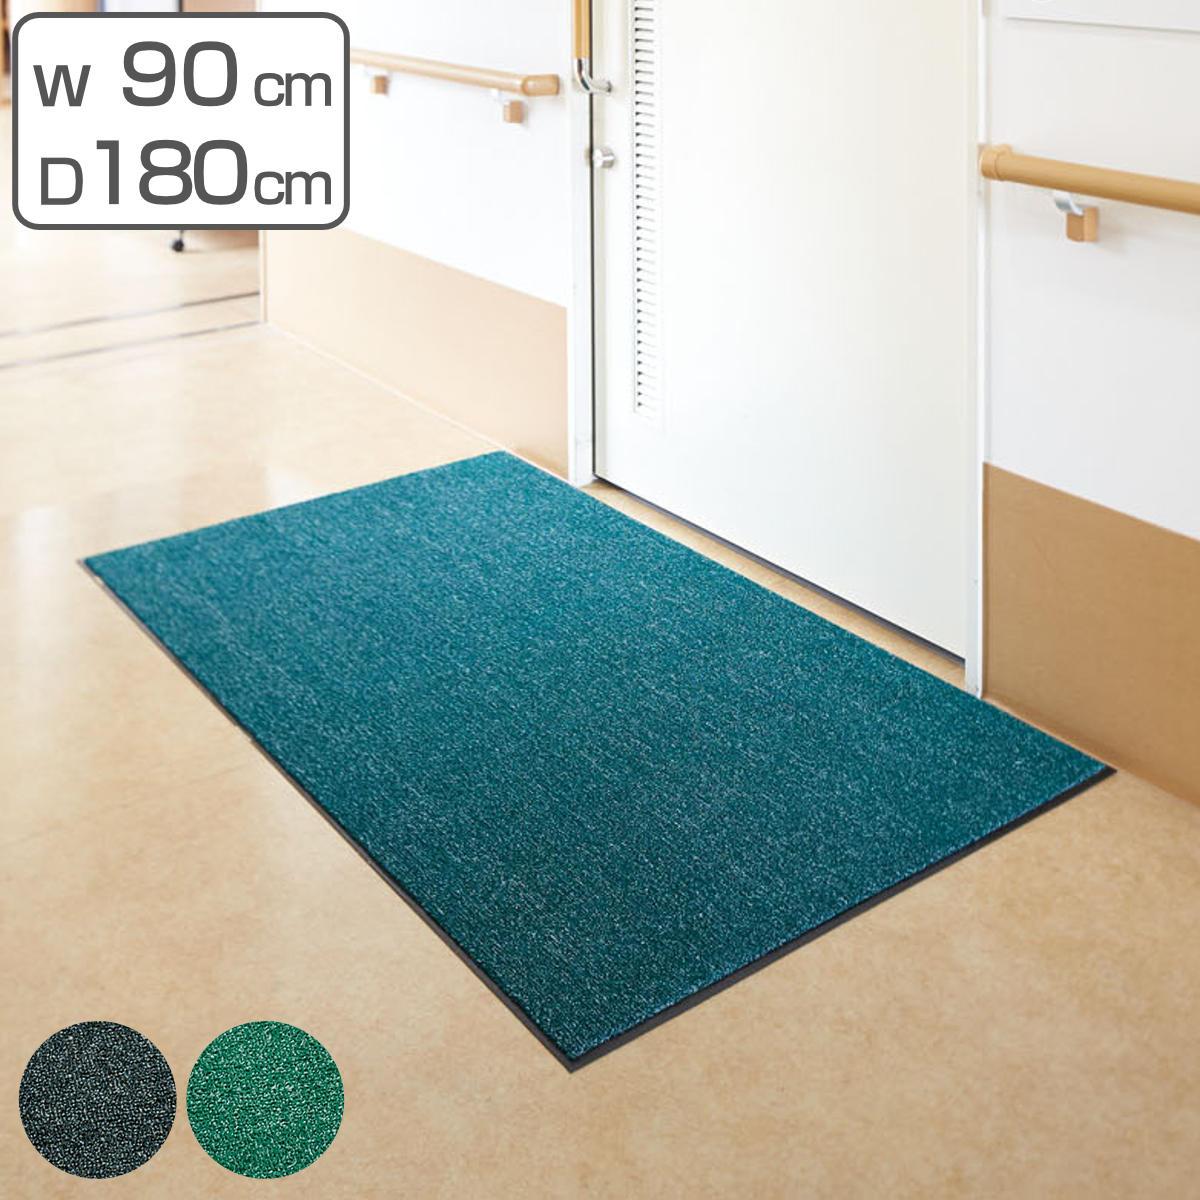 消臭抗菌マット 900×1800 (山崎産業 トイレットマット 送料無料 )